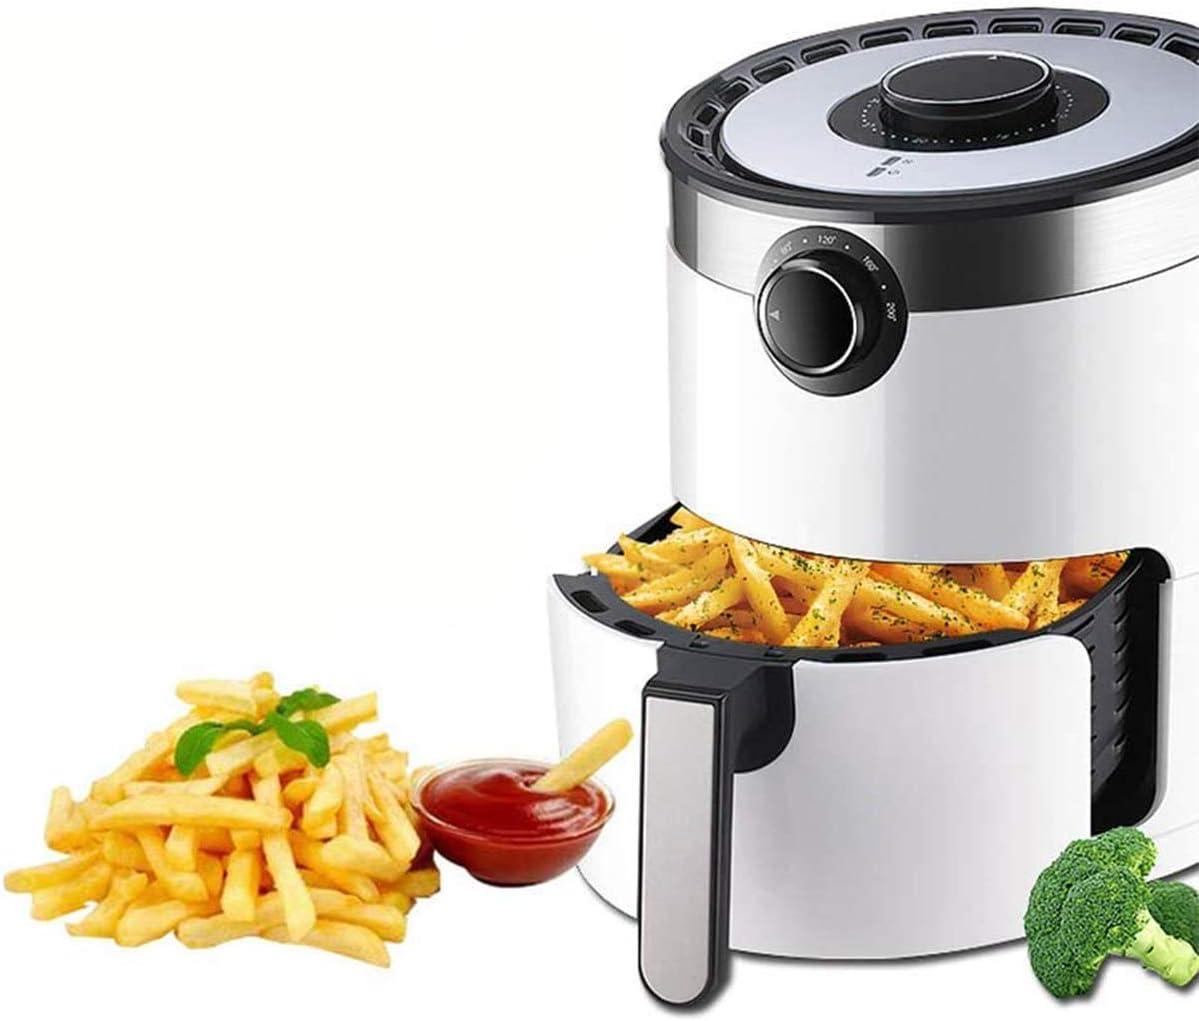 Air Fryer 1400W 3.5L Familie große Low Fat Gesunde Hot Oil Free Friteusen, 30-Minuten-Timer und einstellbare Temperaturregelung,Grün Green